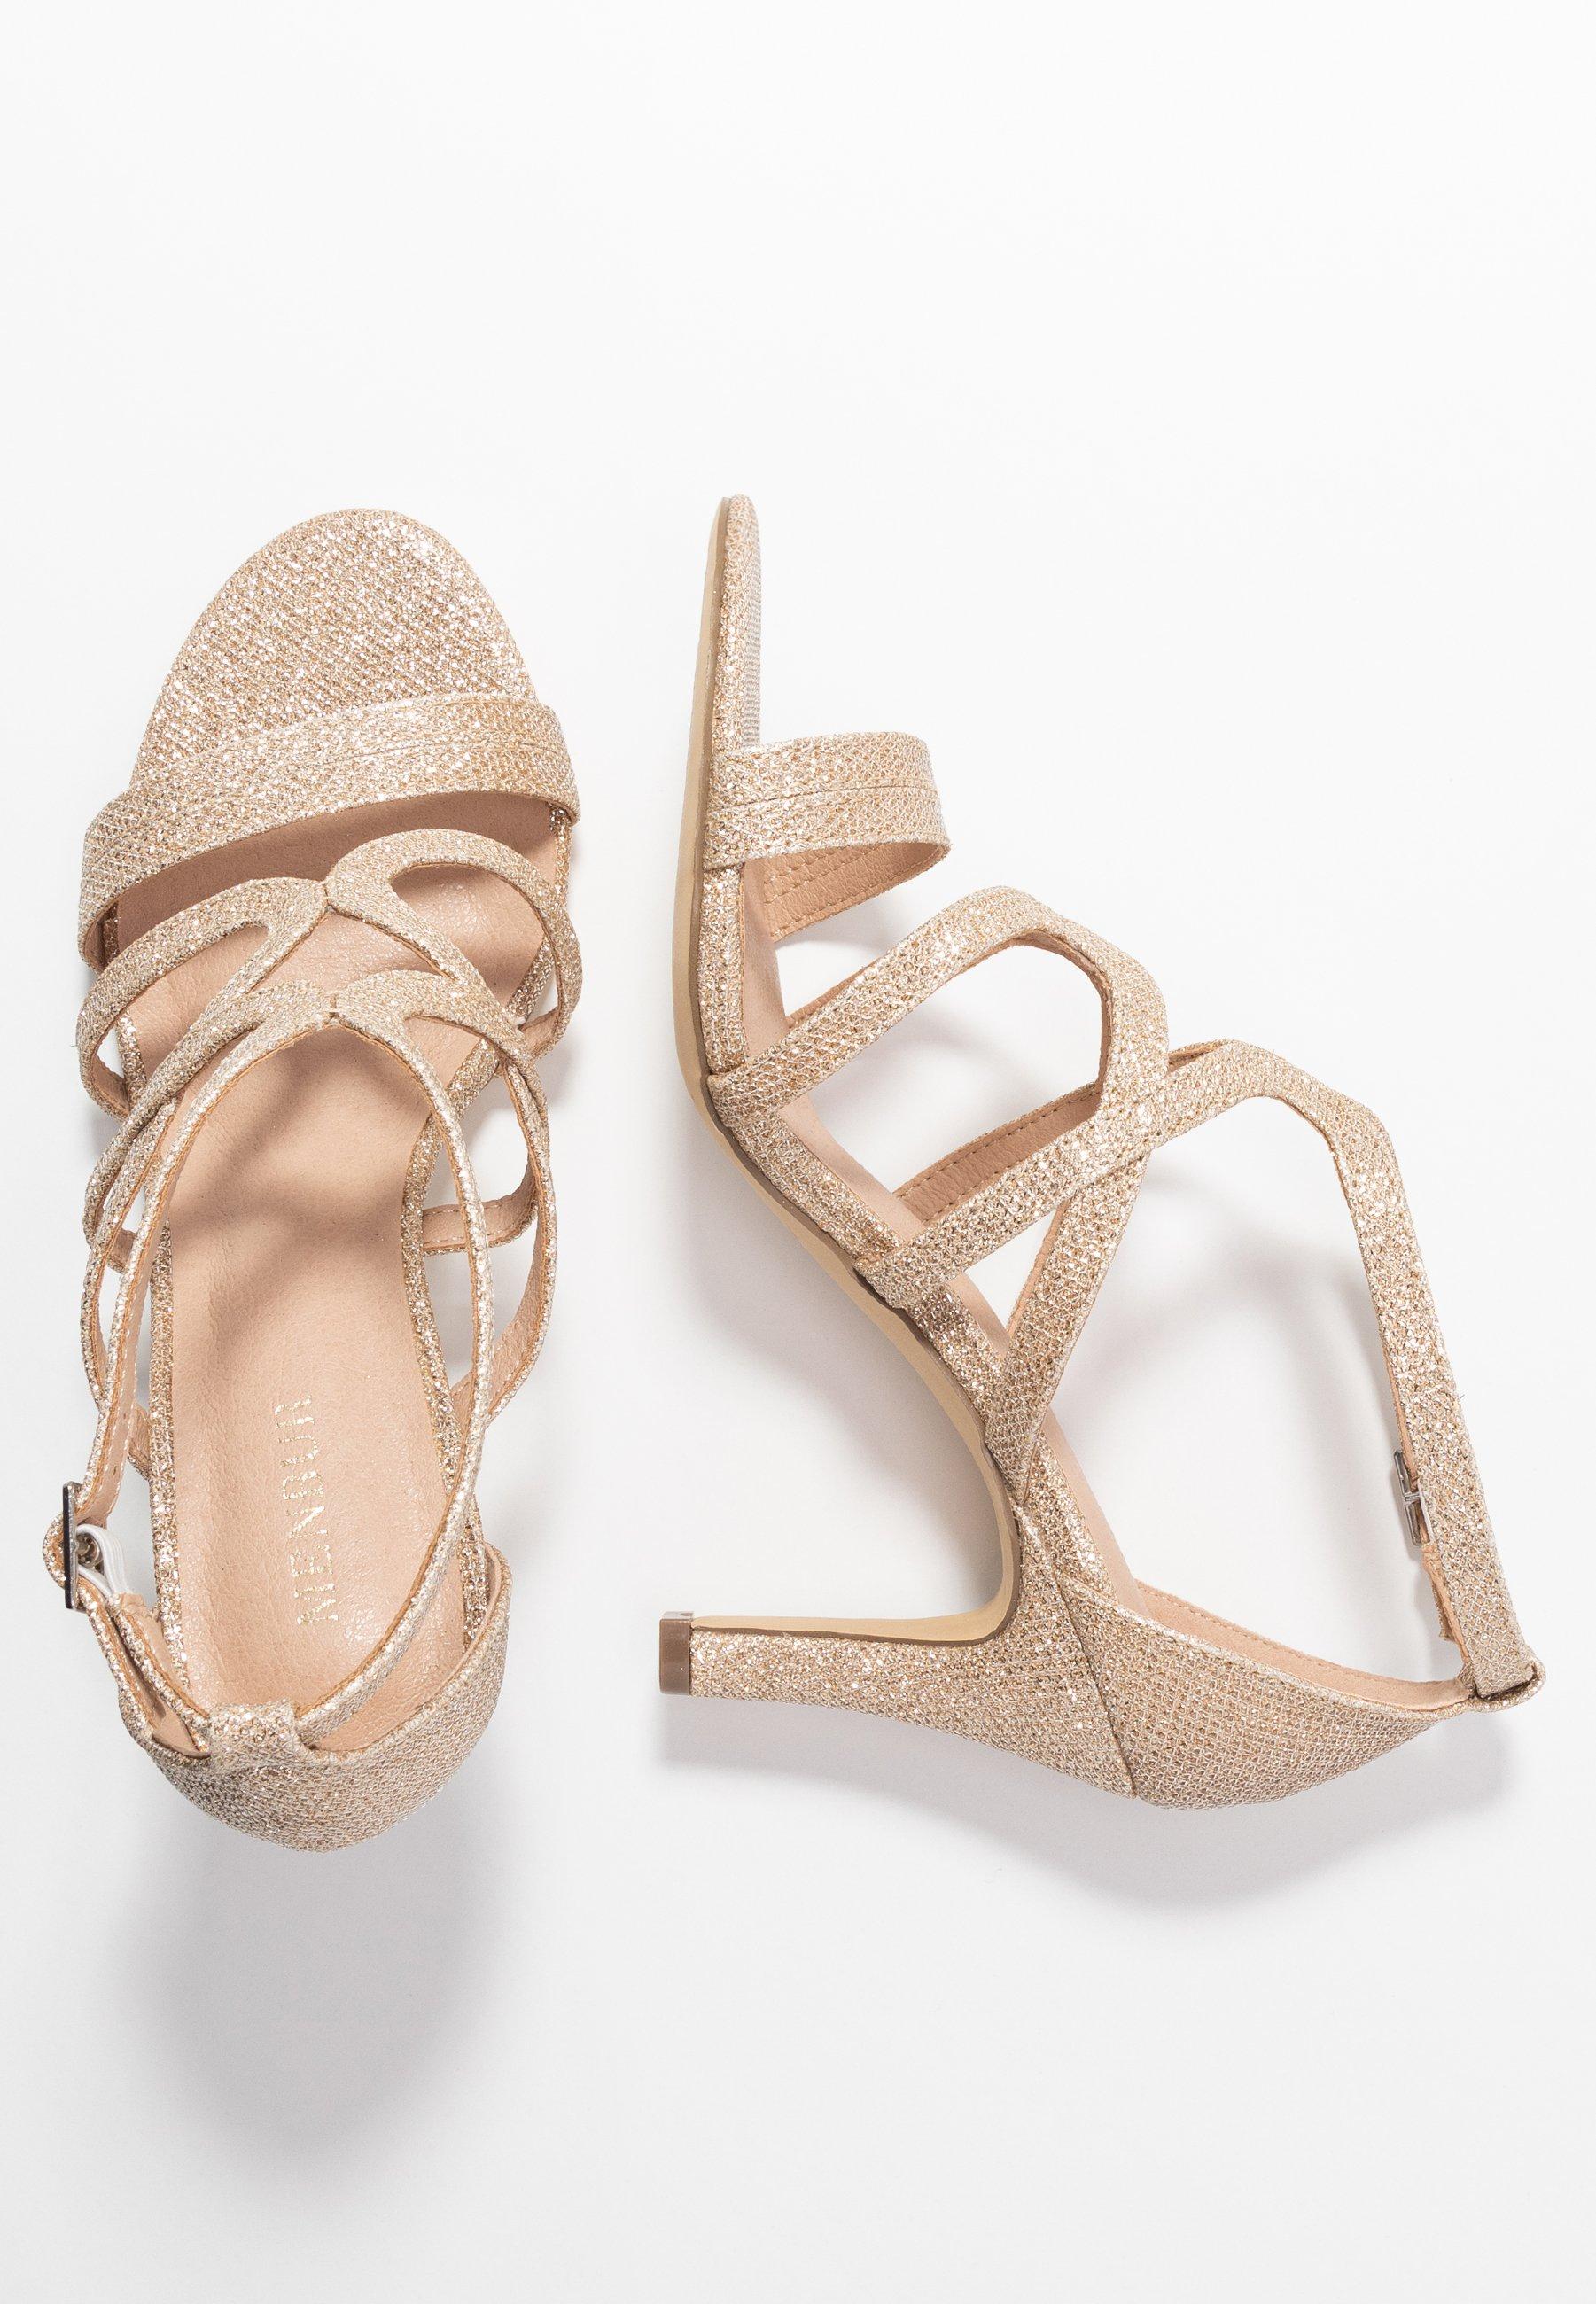 Menbur Højhælede sandaletter / Højhælede sandaler - stone